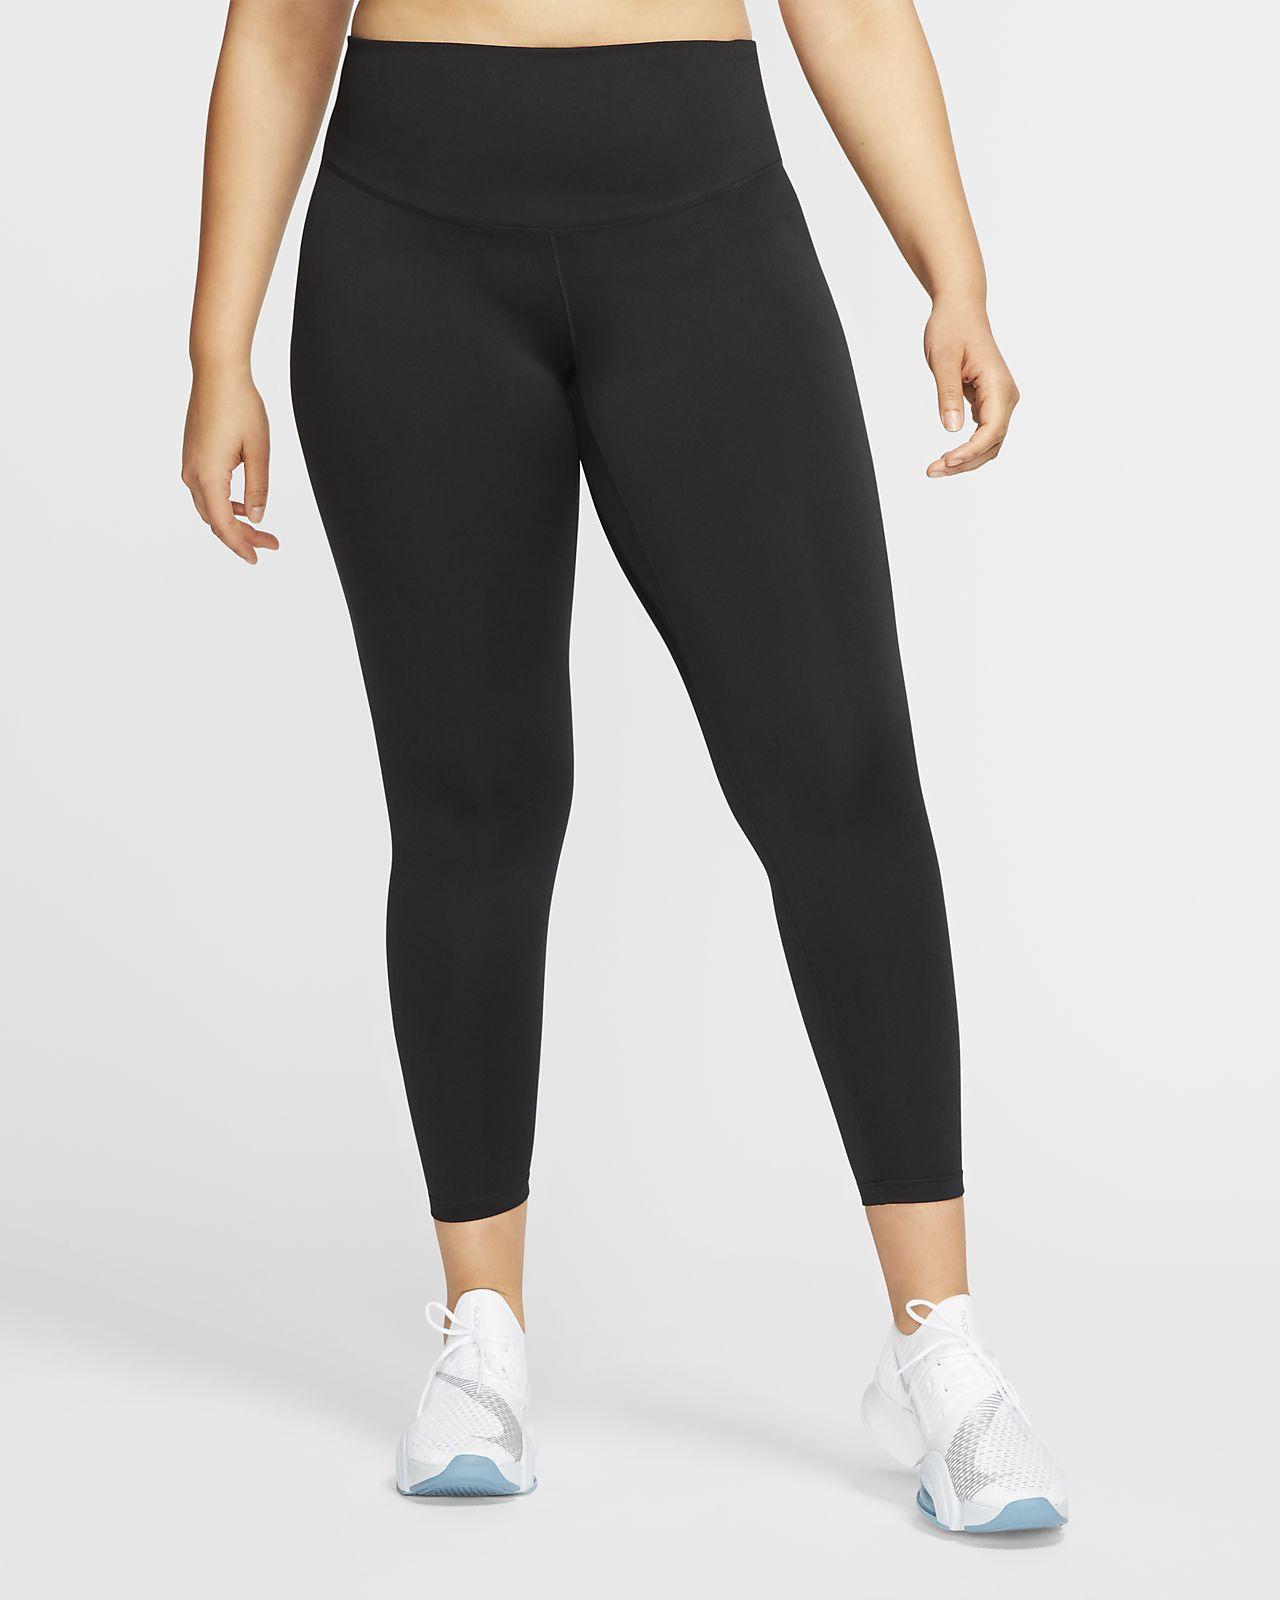 Женские тайтсы Nike One (большие размеры)